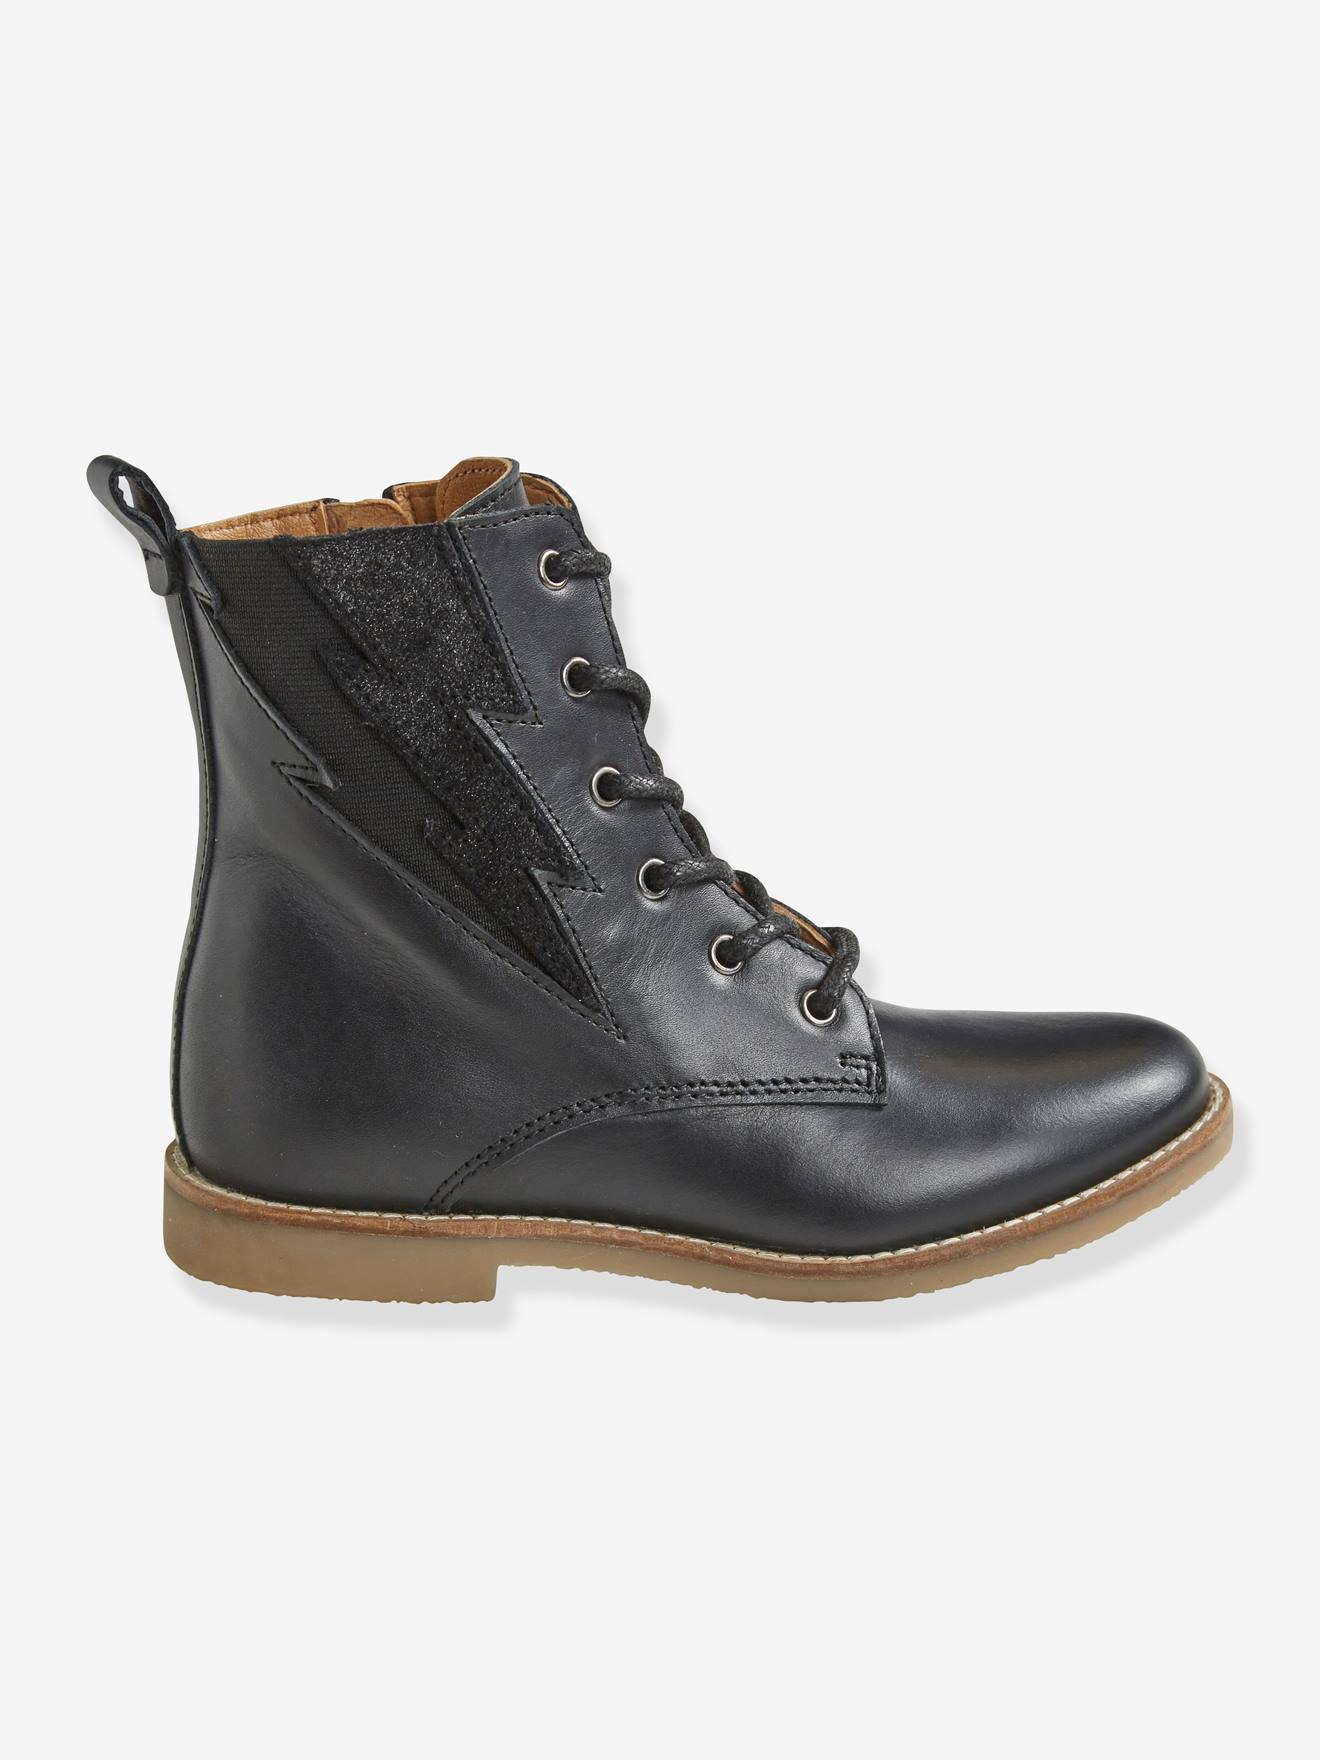 noirChaussures hautes lacées zippées cuir fille et en Bottines LSUpGzqMV